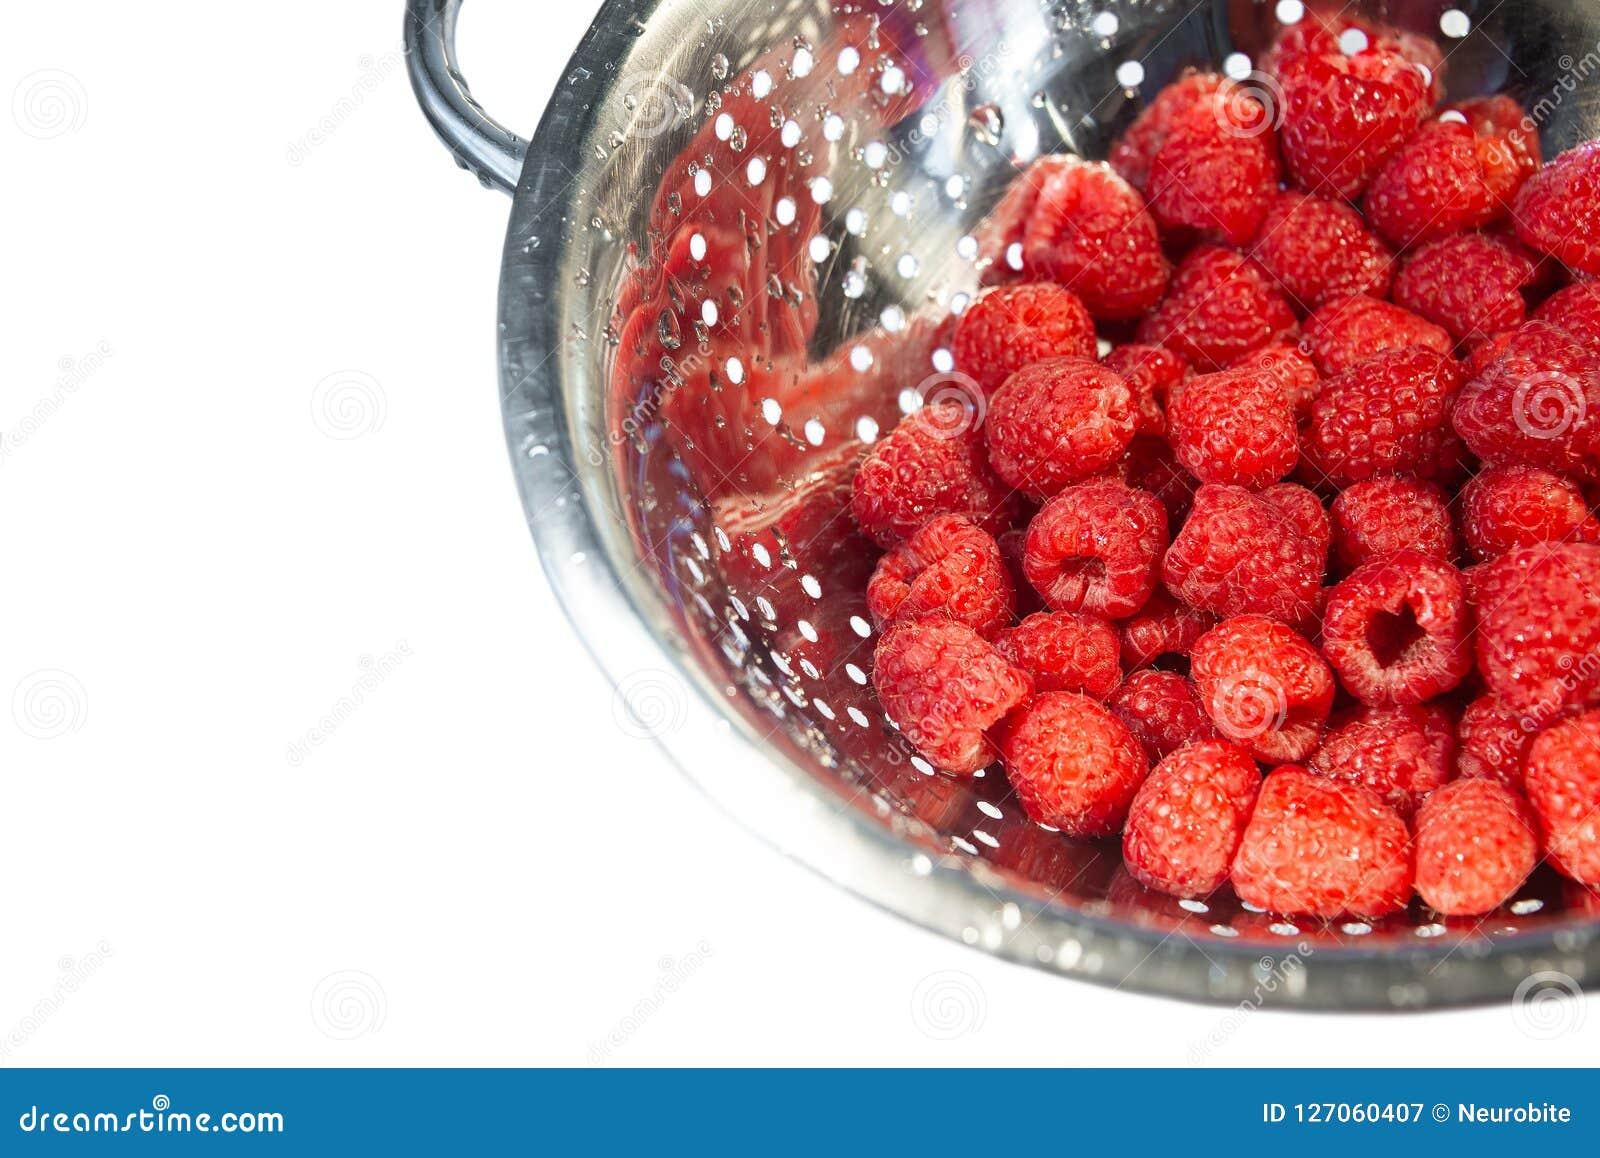 Framboise rouge fraîche et humide délicieuse dans une passoire pour le lavage